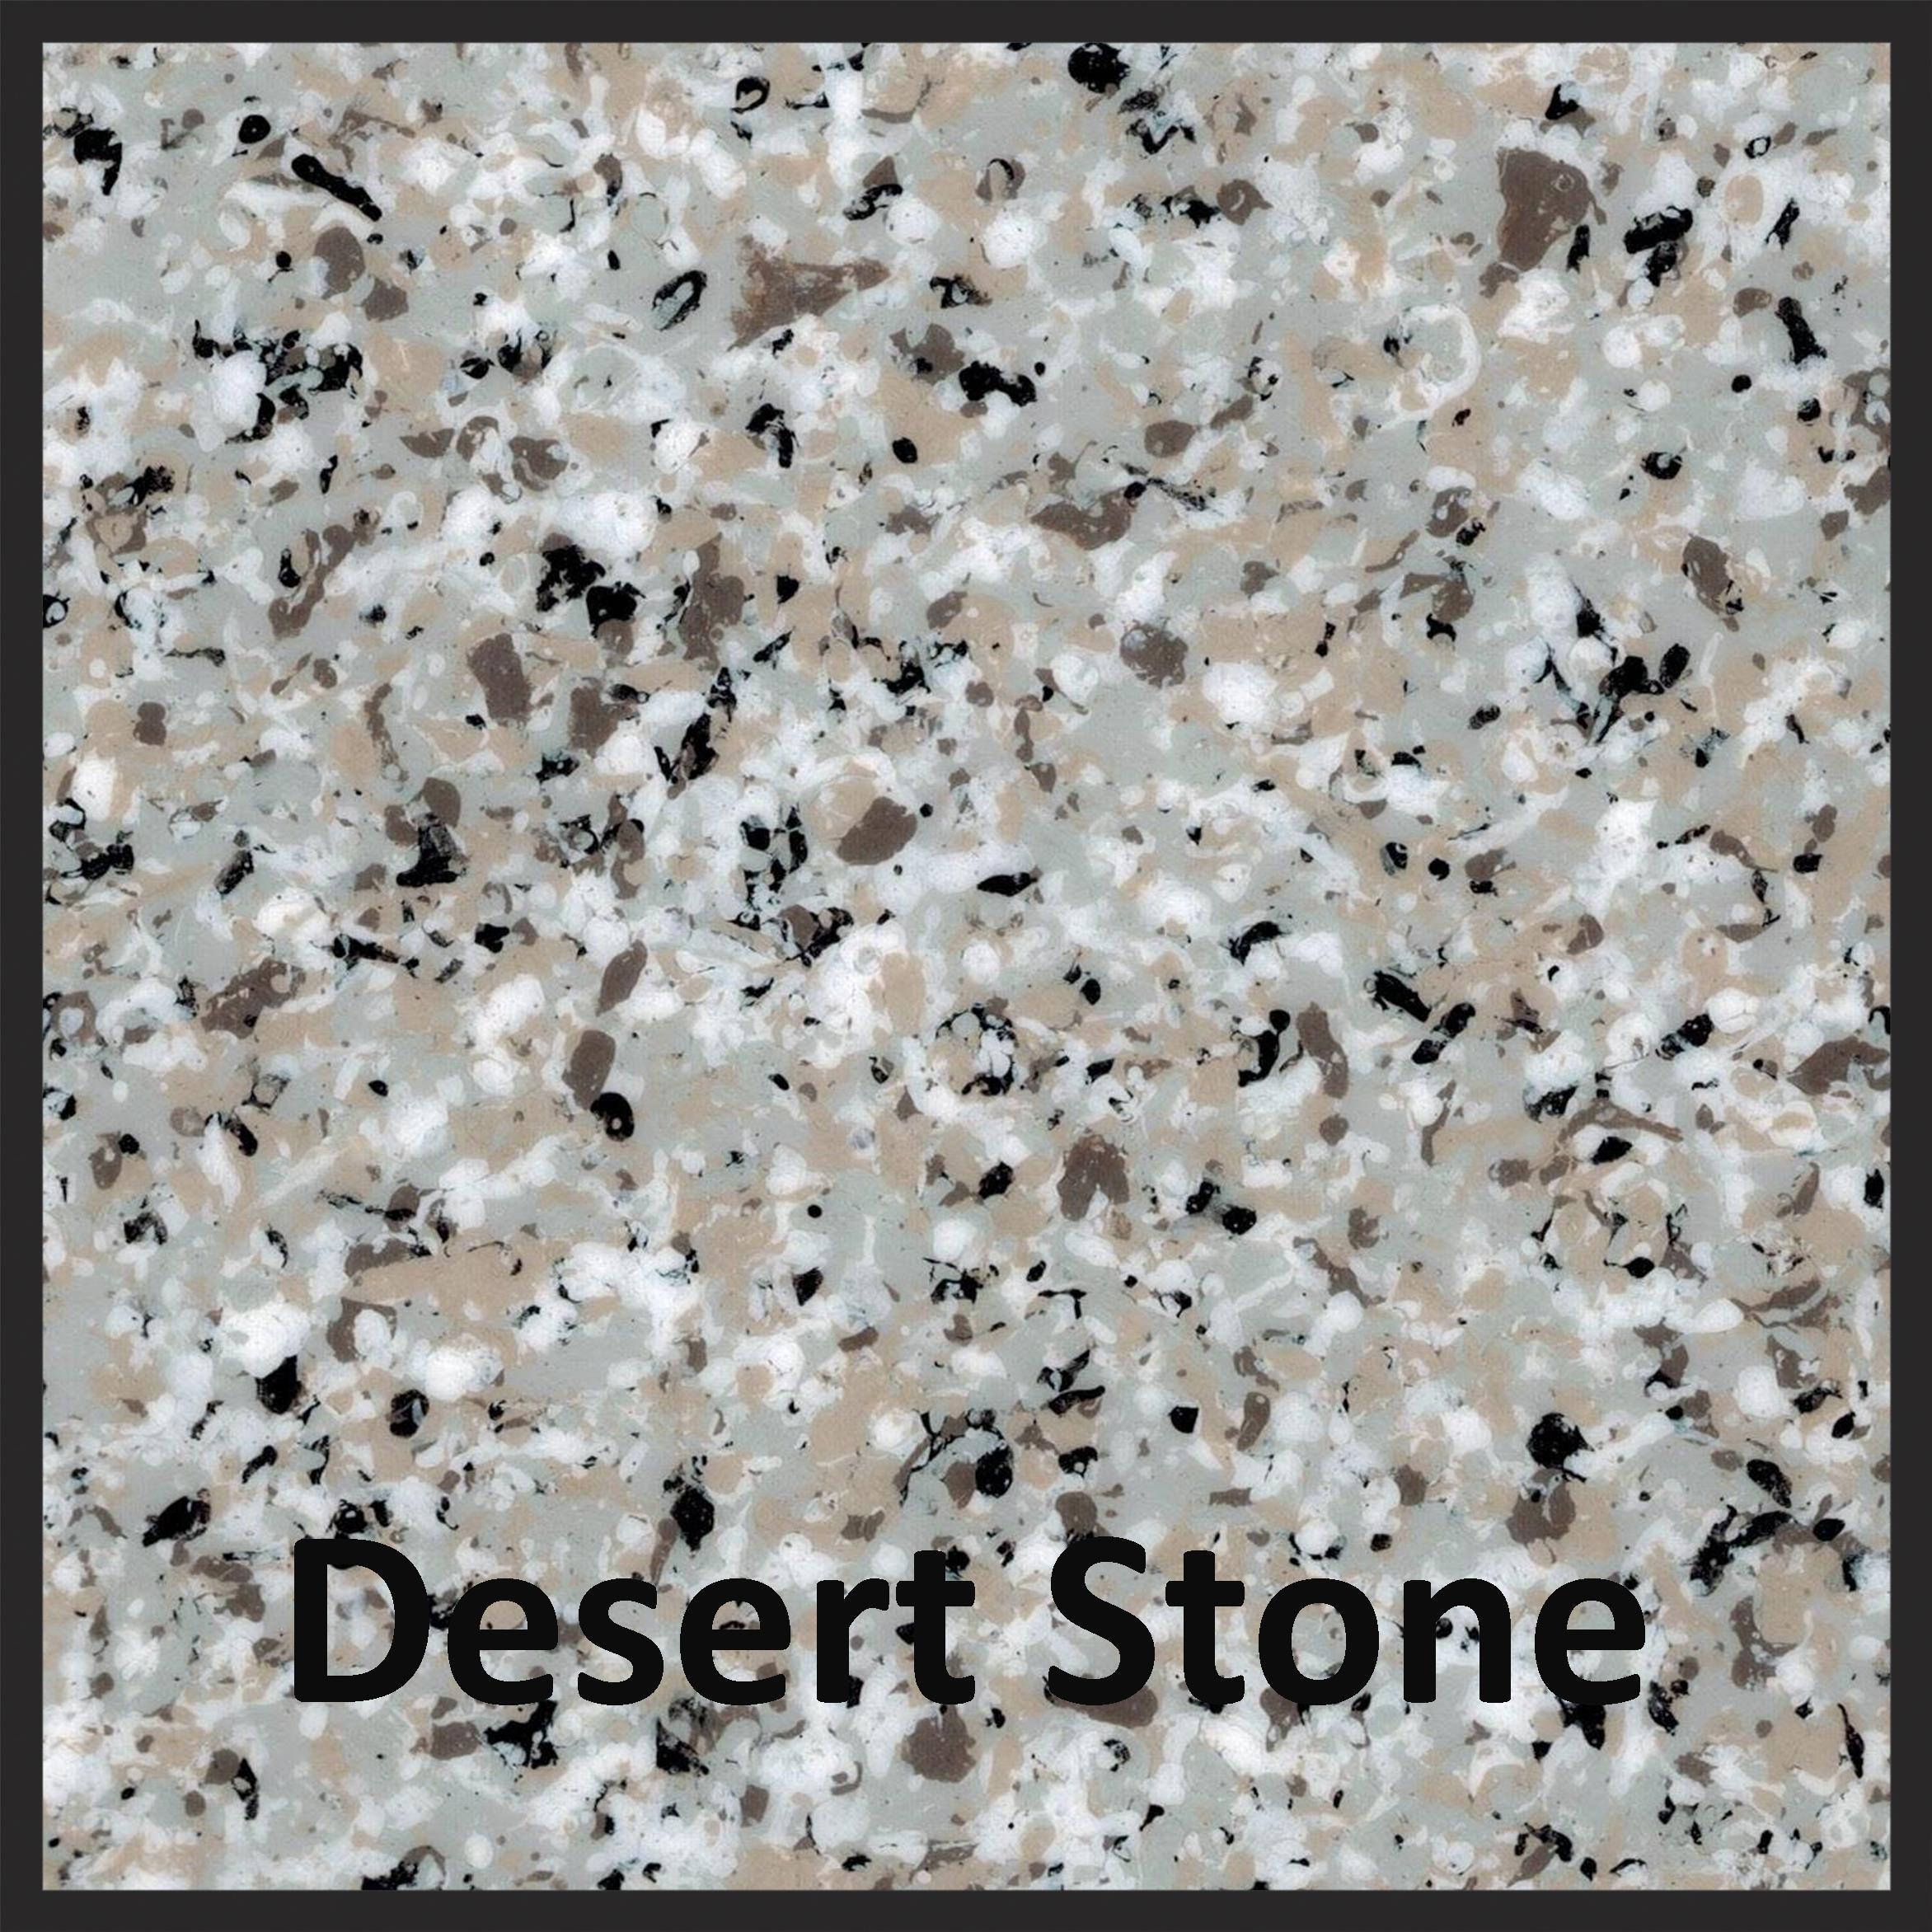 desert-stone-label.jpg